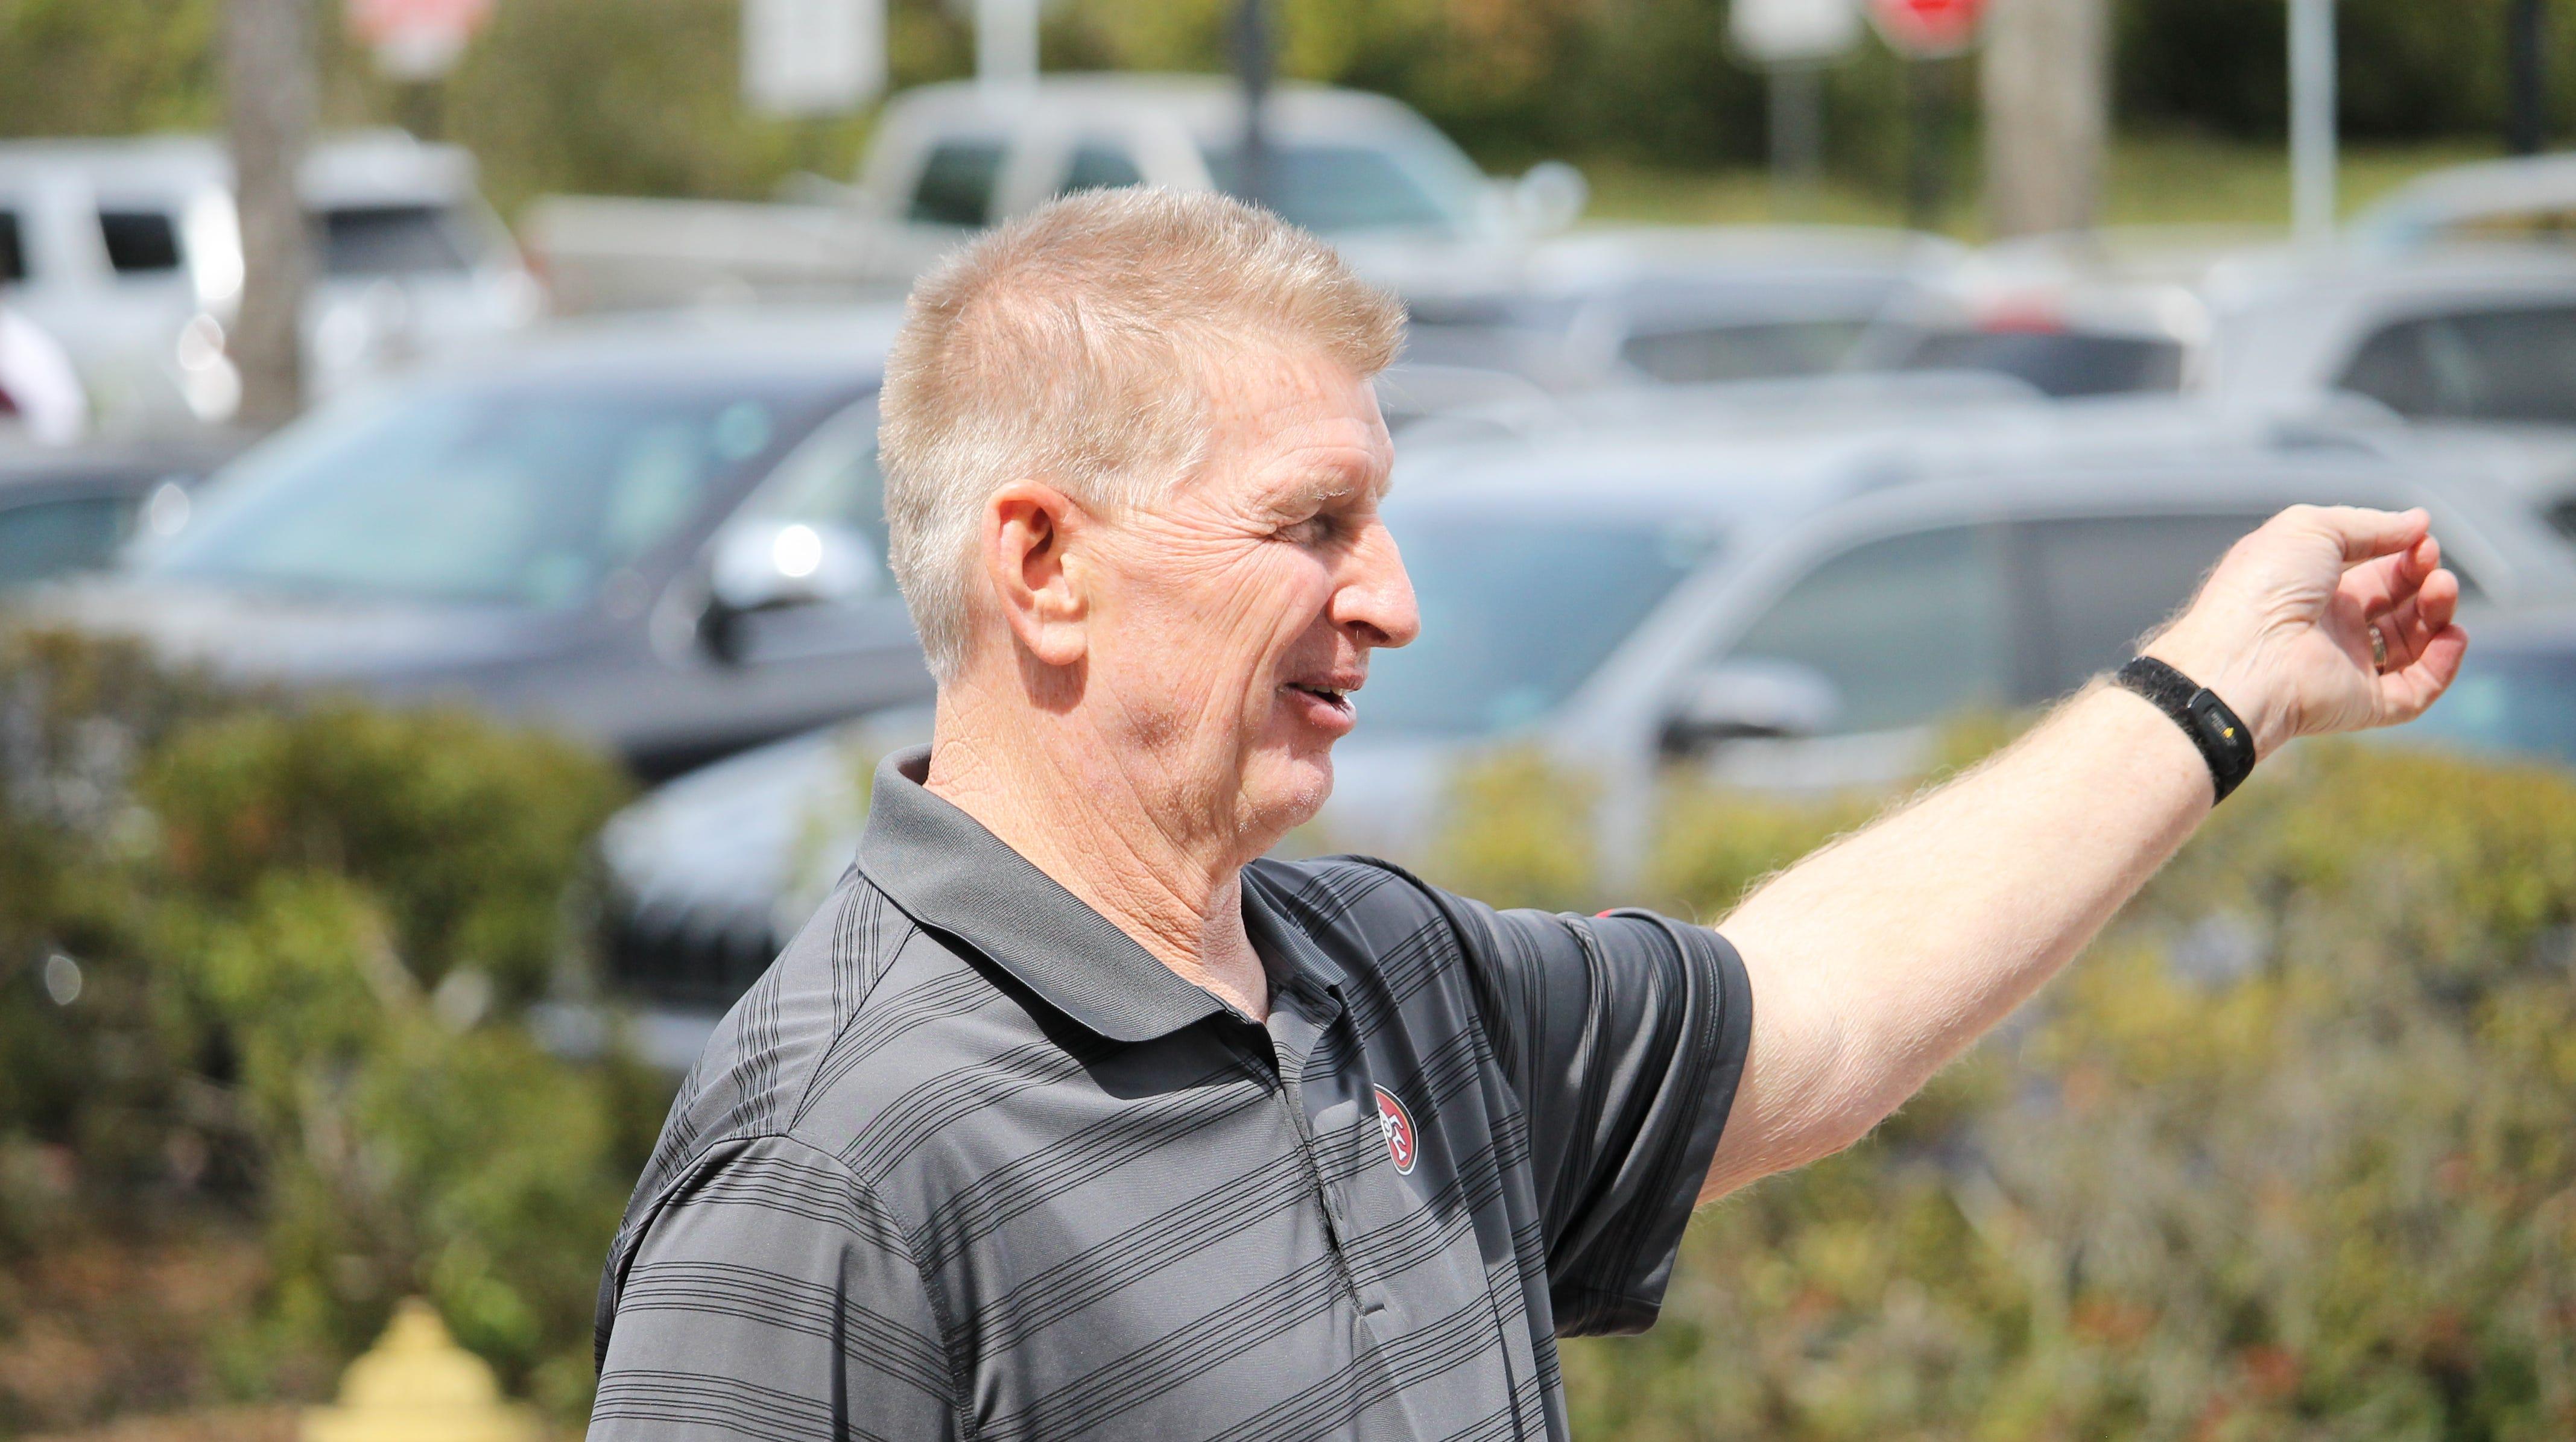 Former Oregon defensive coordinator Jim Leavitt visiting Florida State